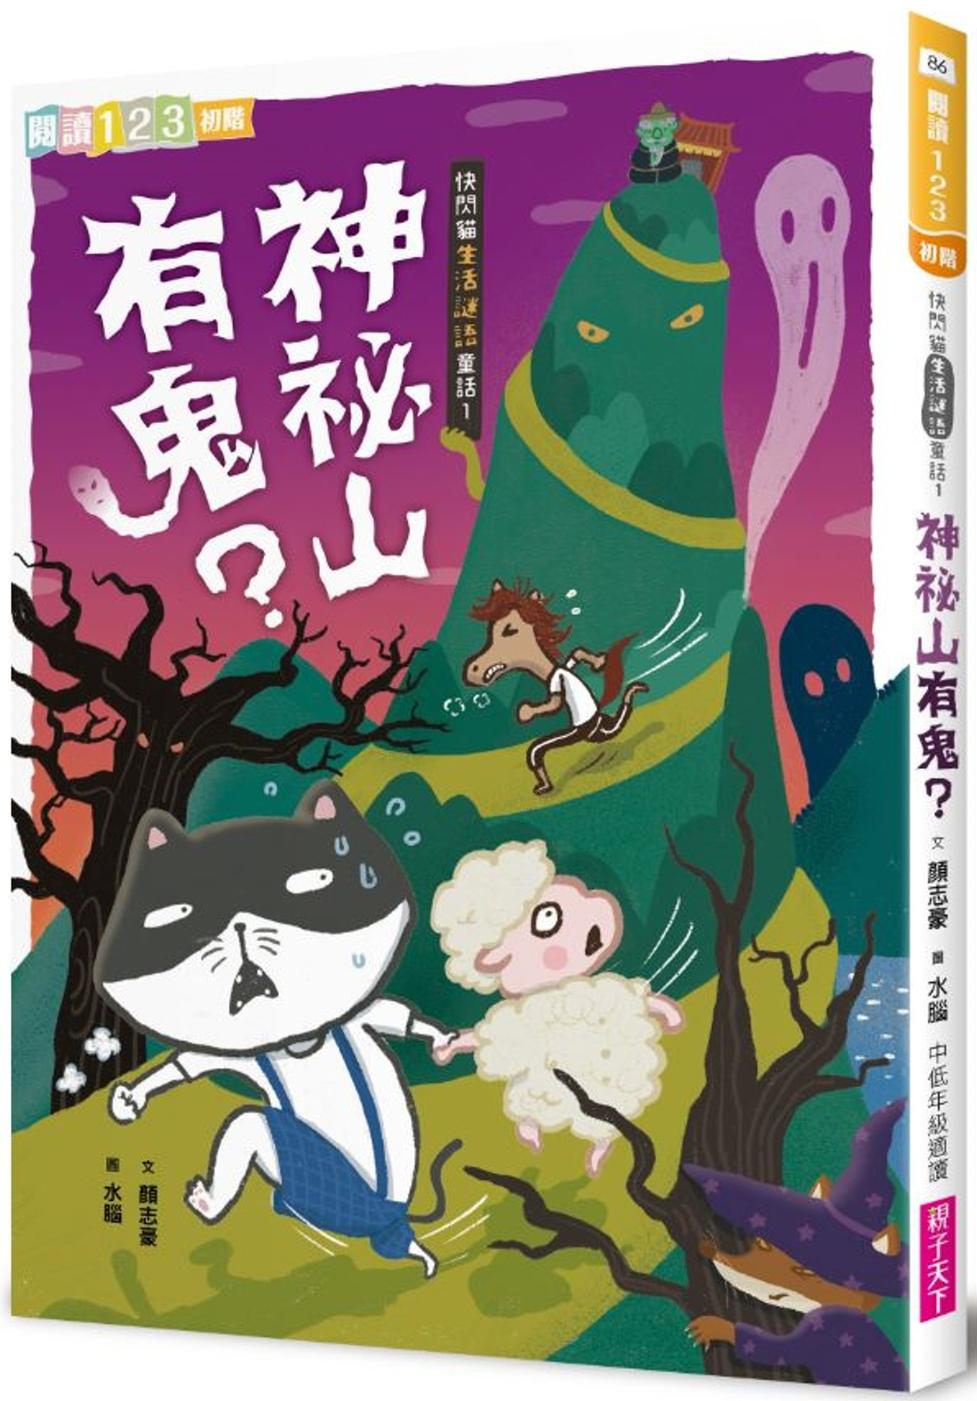 快閃貓生活謎語童話1:神祕山有...